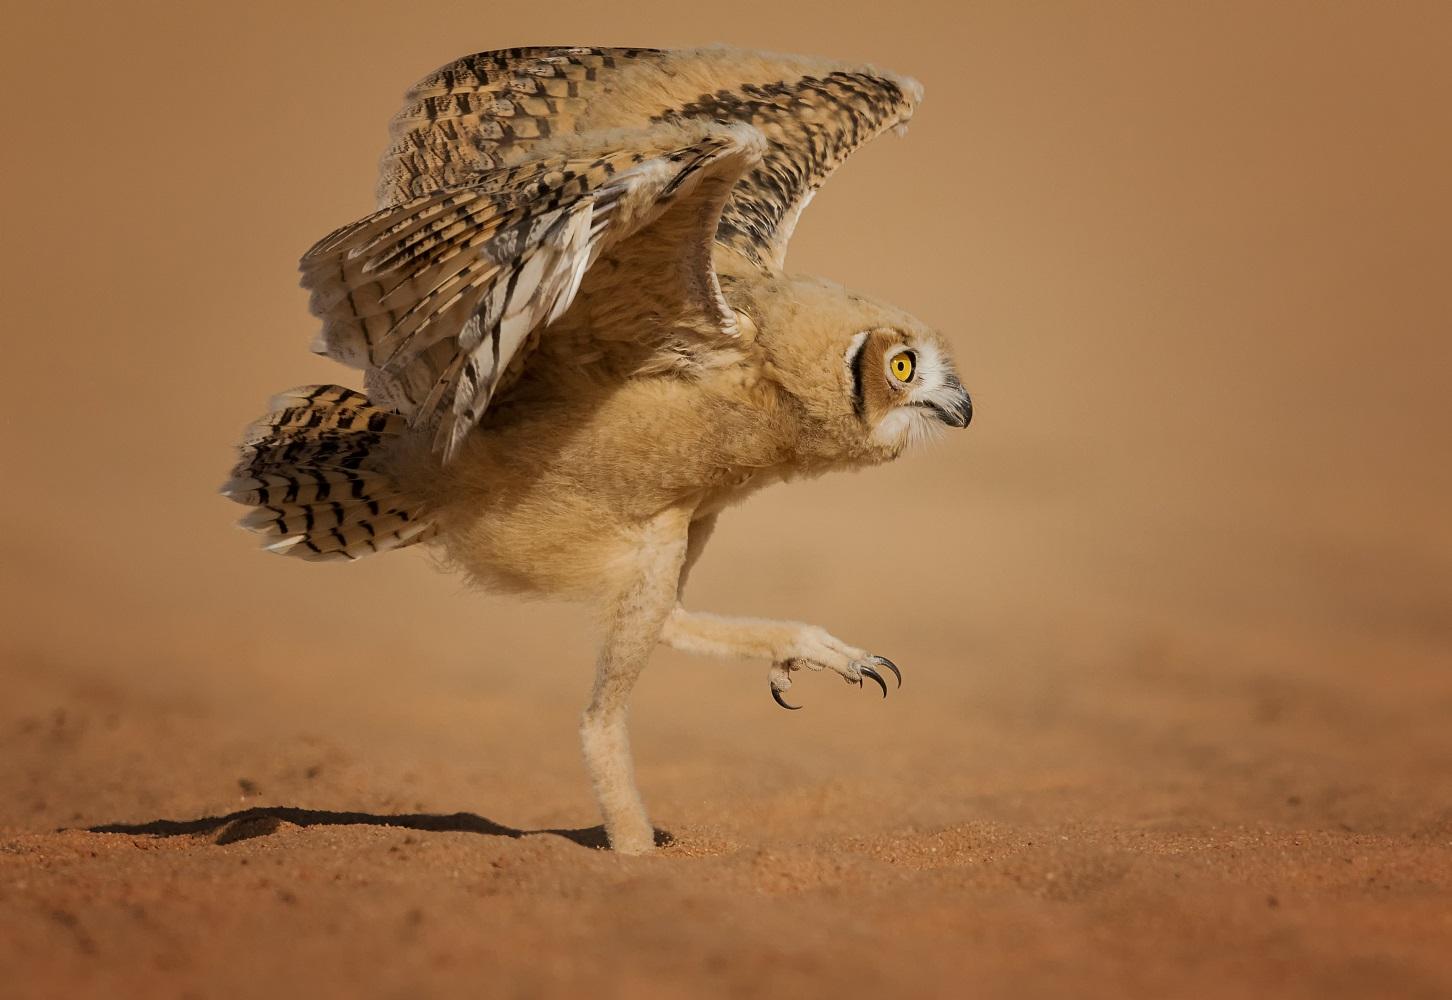 Fotografija 'Kako se leti' fotografa Nadera Alshammarija snimljena u gradu  Sakaka Al-Jouf u Saudijskoj Arabiji-